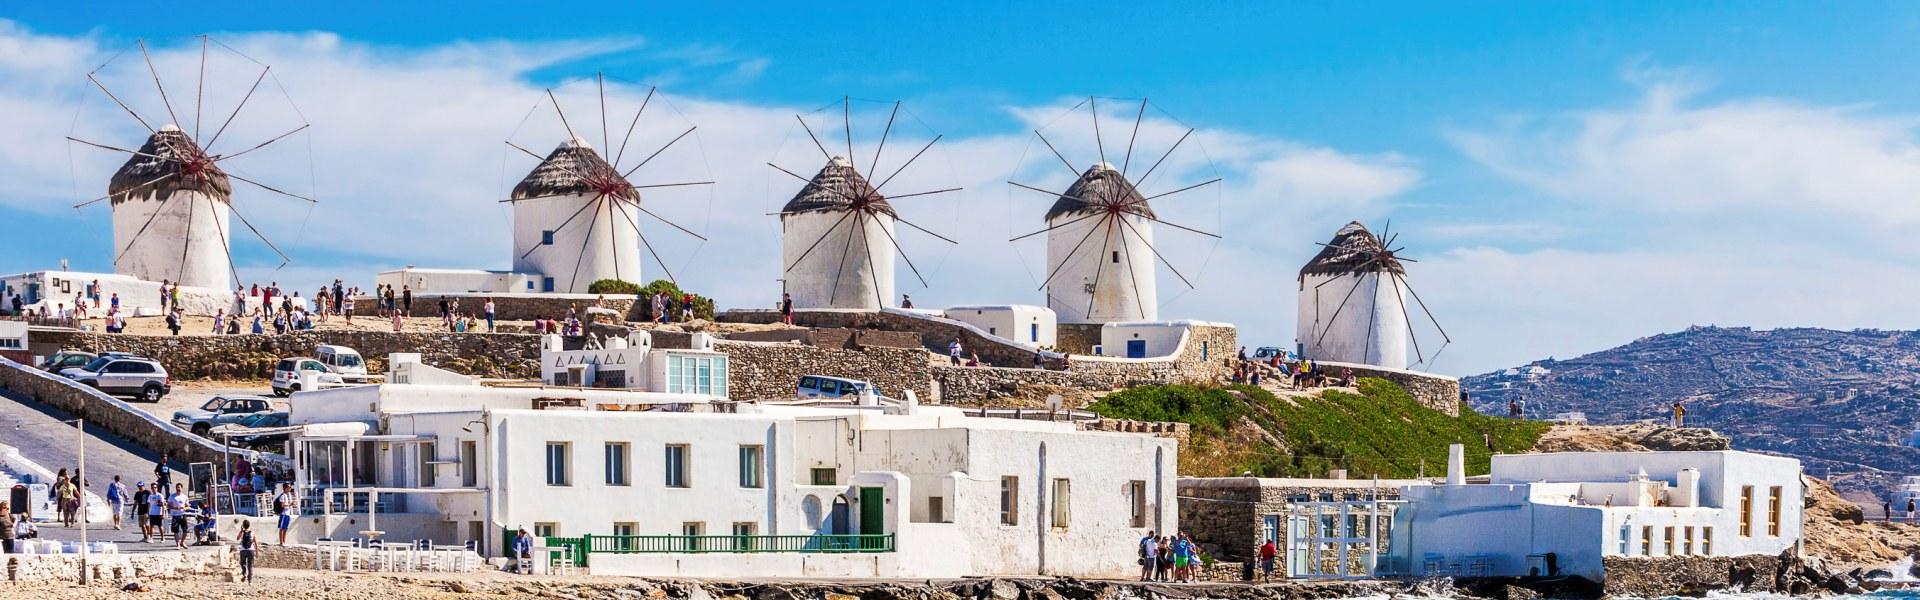 Mykonos Town Walking Tour